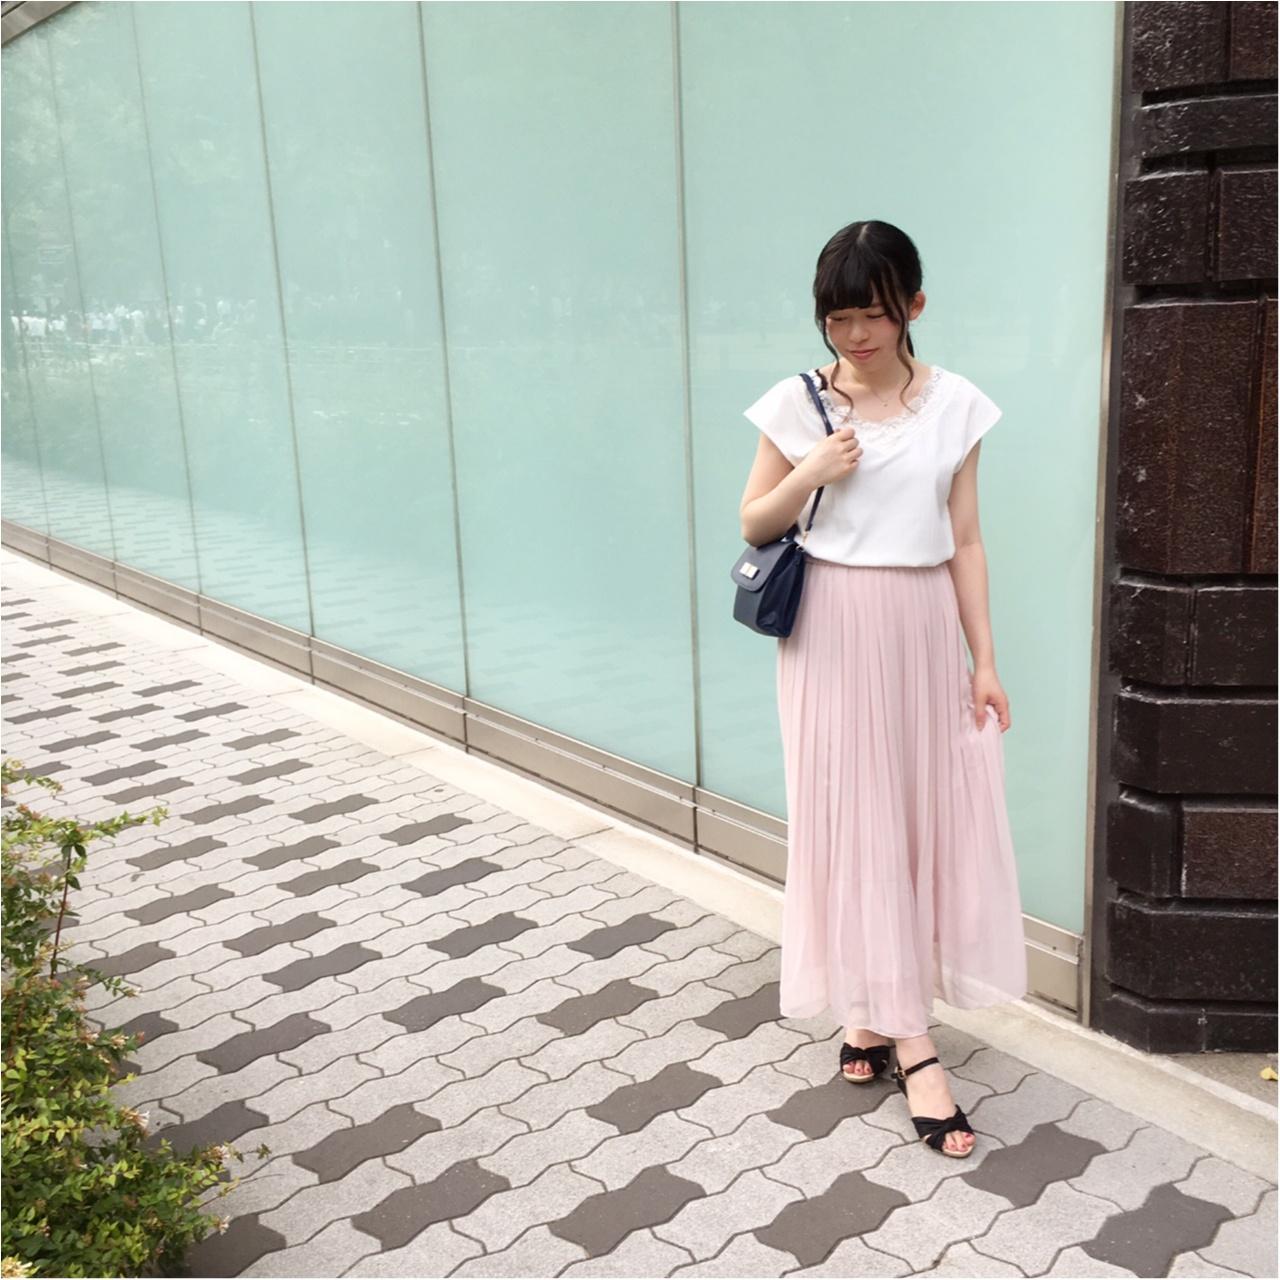 【UNIQLO】セールで買った《ハイウェストシフォンプリーツスカート》が優秀すぎる!_1